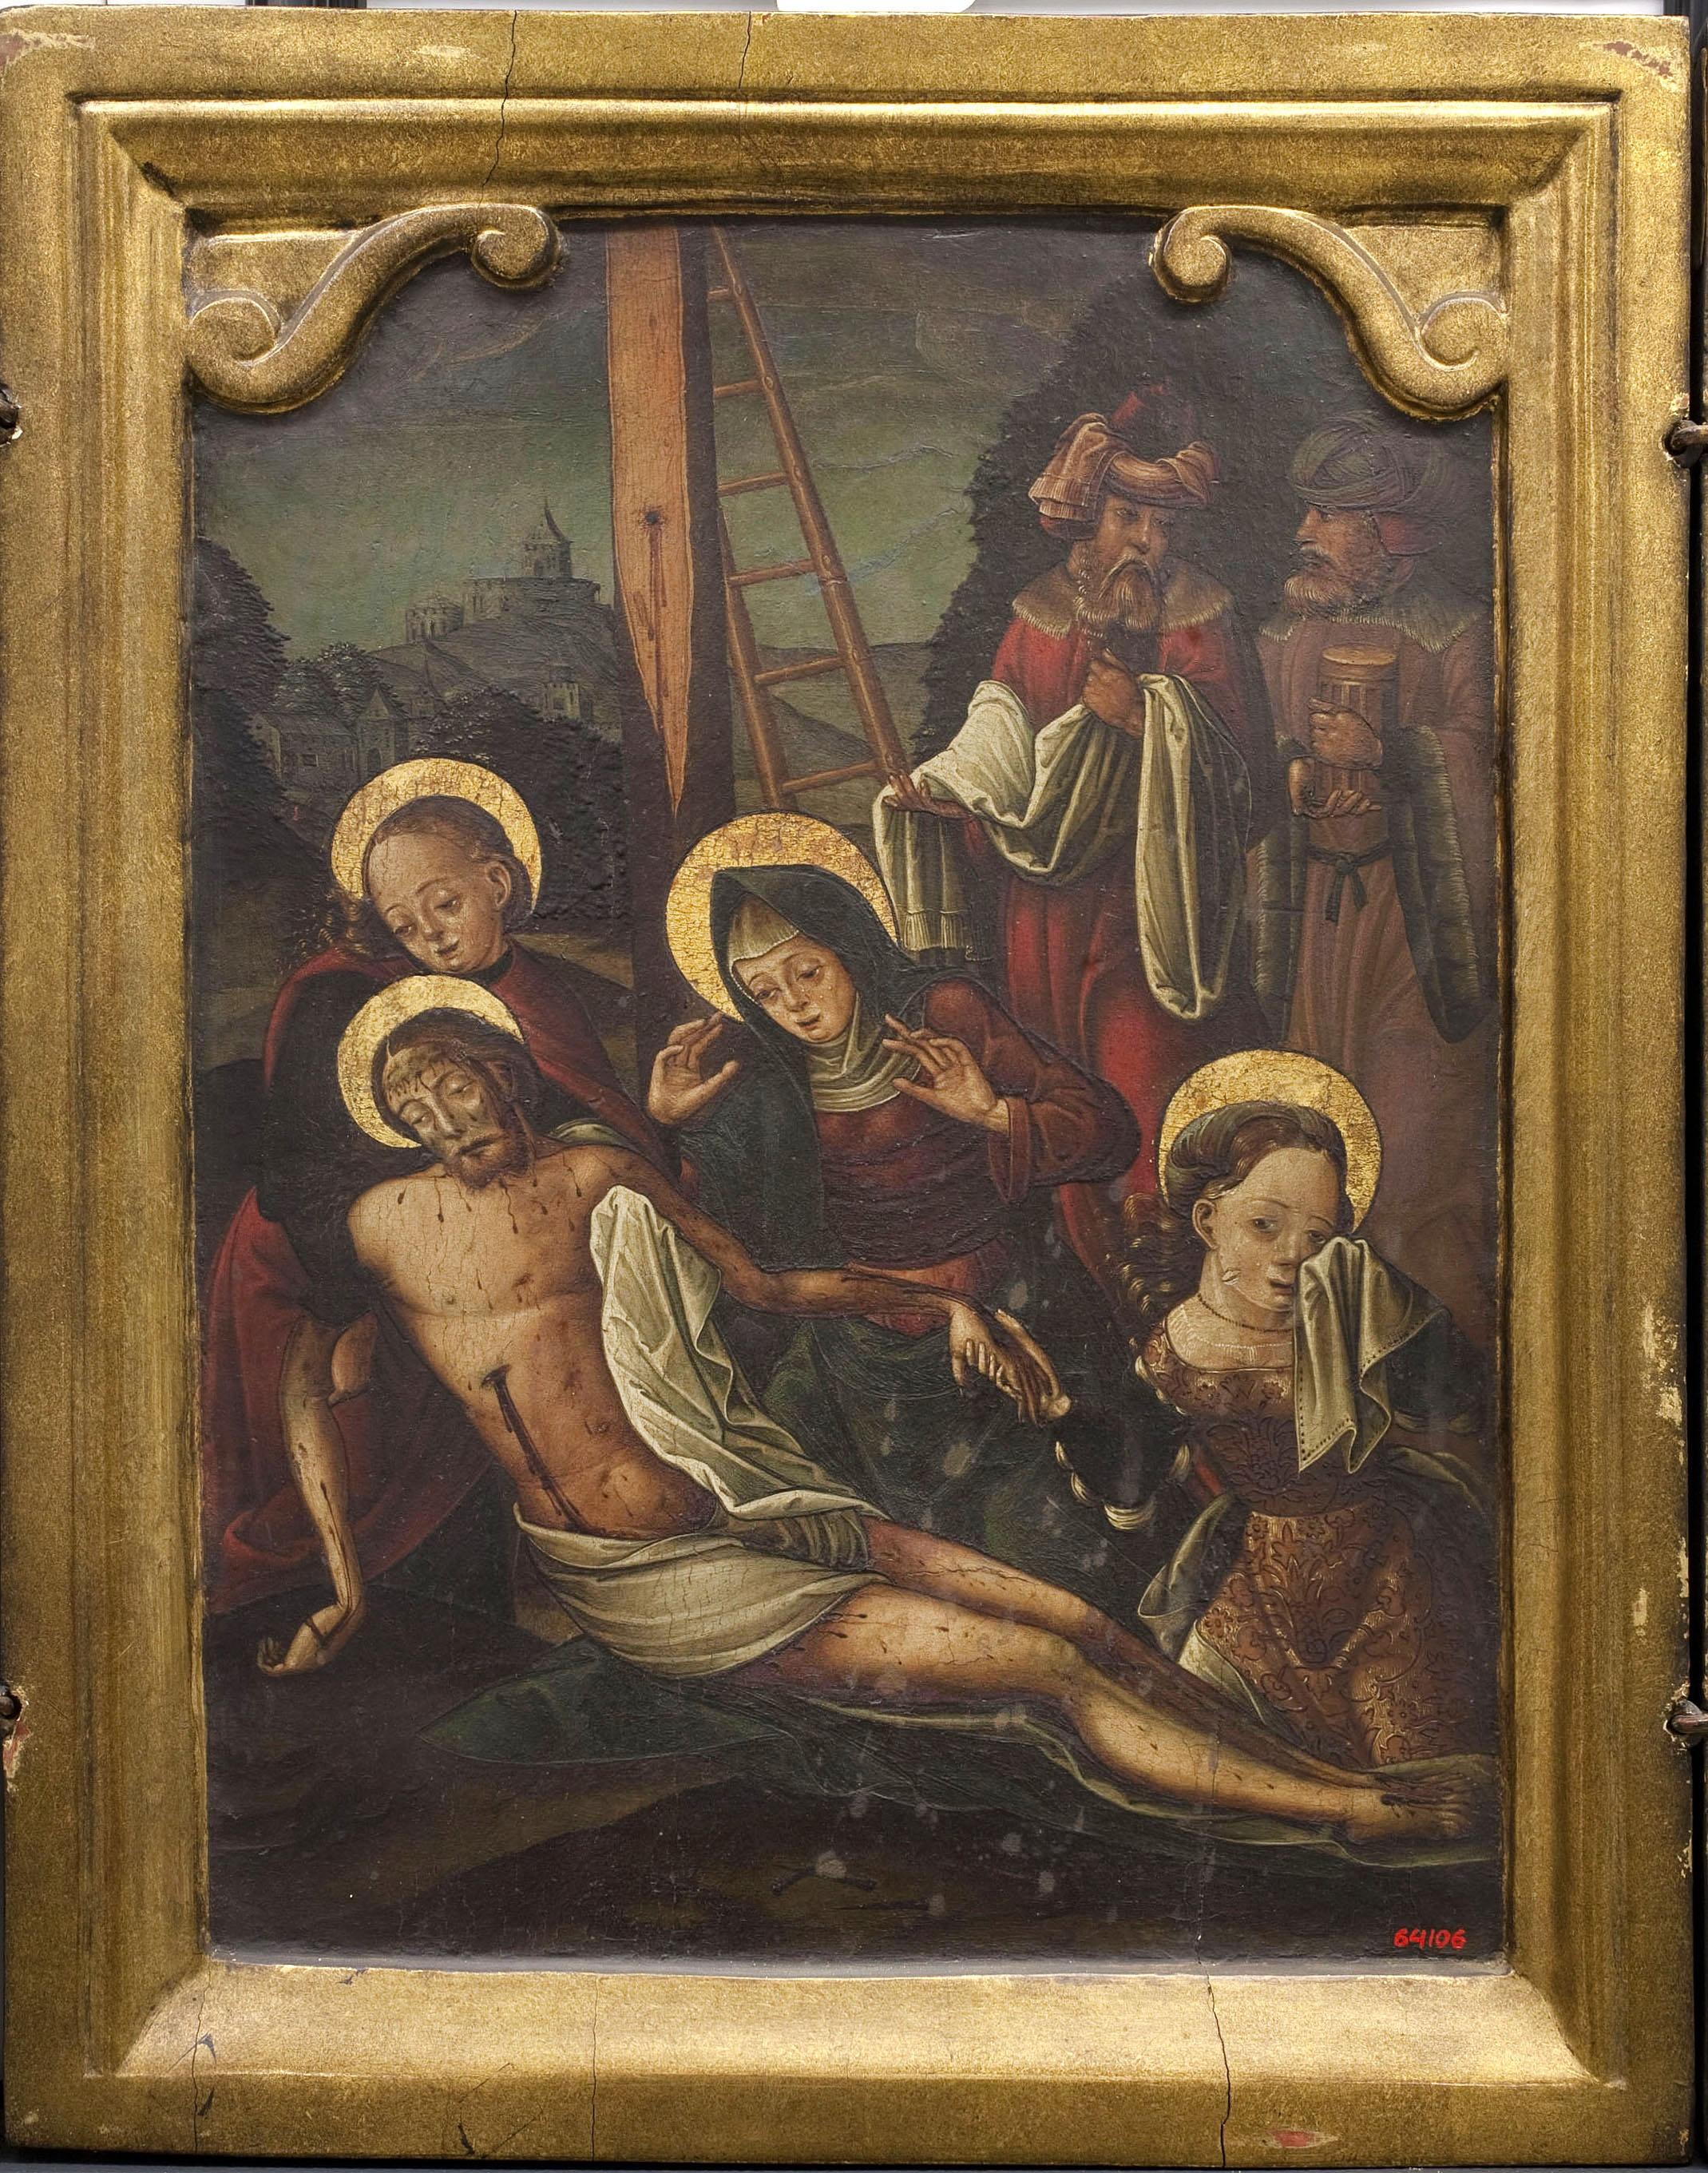 Anònim. Aragó - Plany sobre Crist mort - Entre 1510-1550